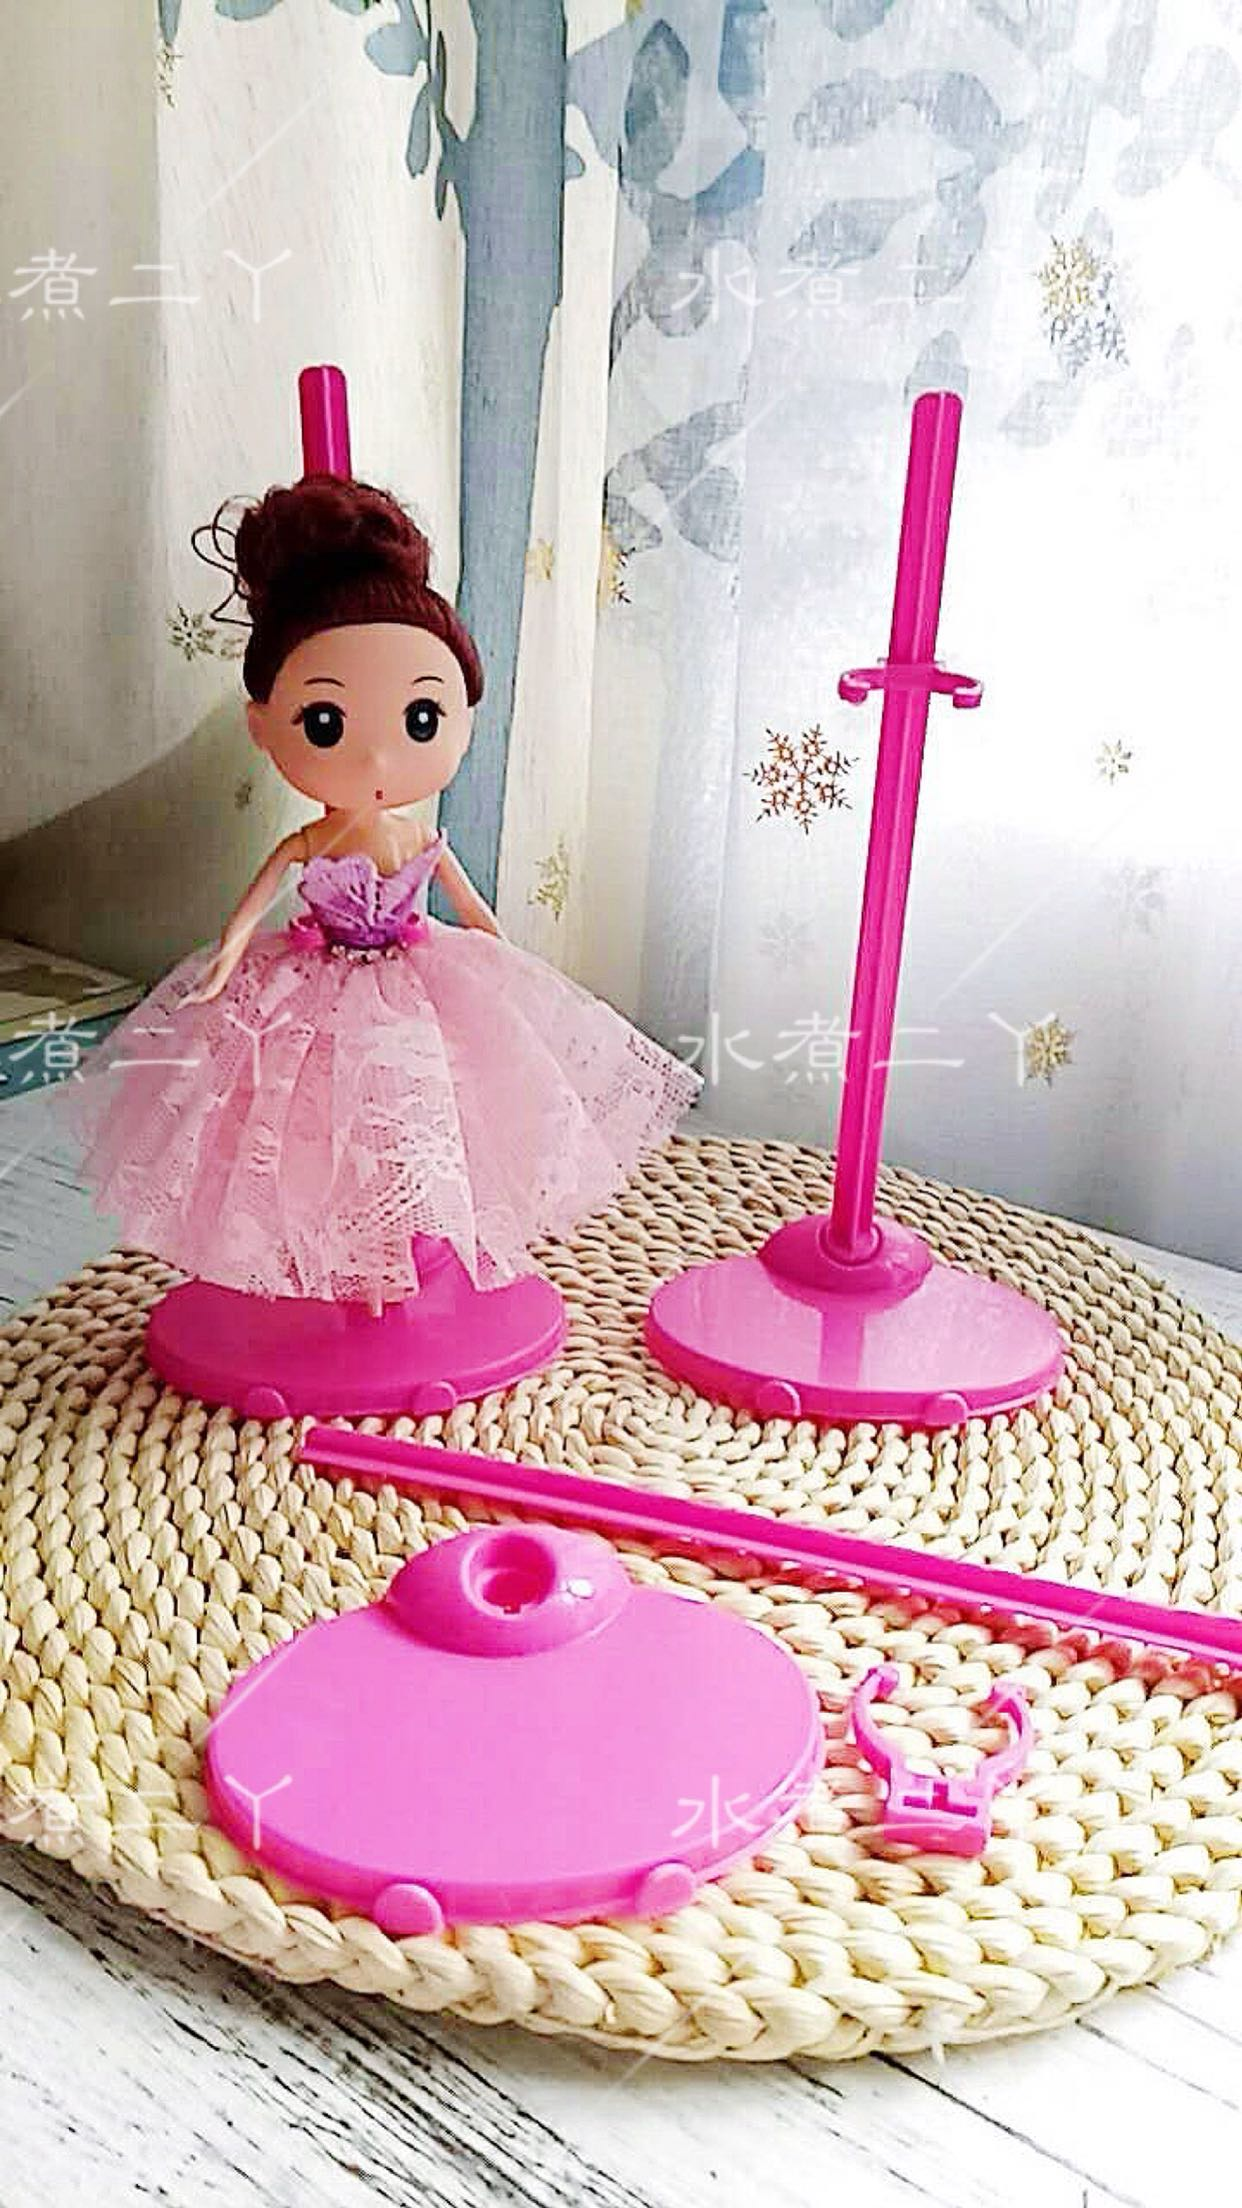 Аксессуары для кукол Артикул 555322572414